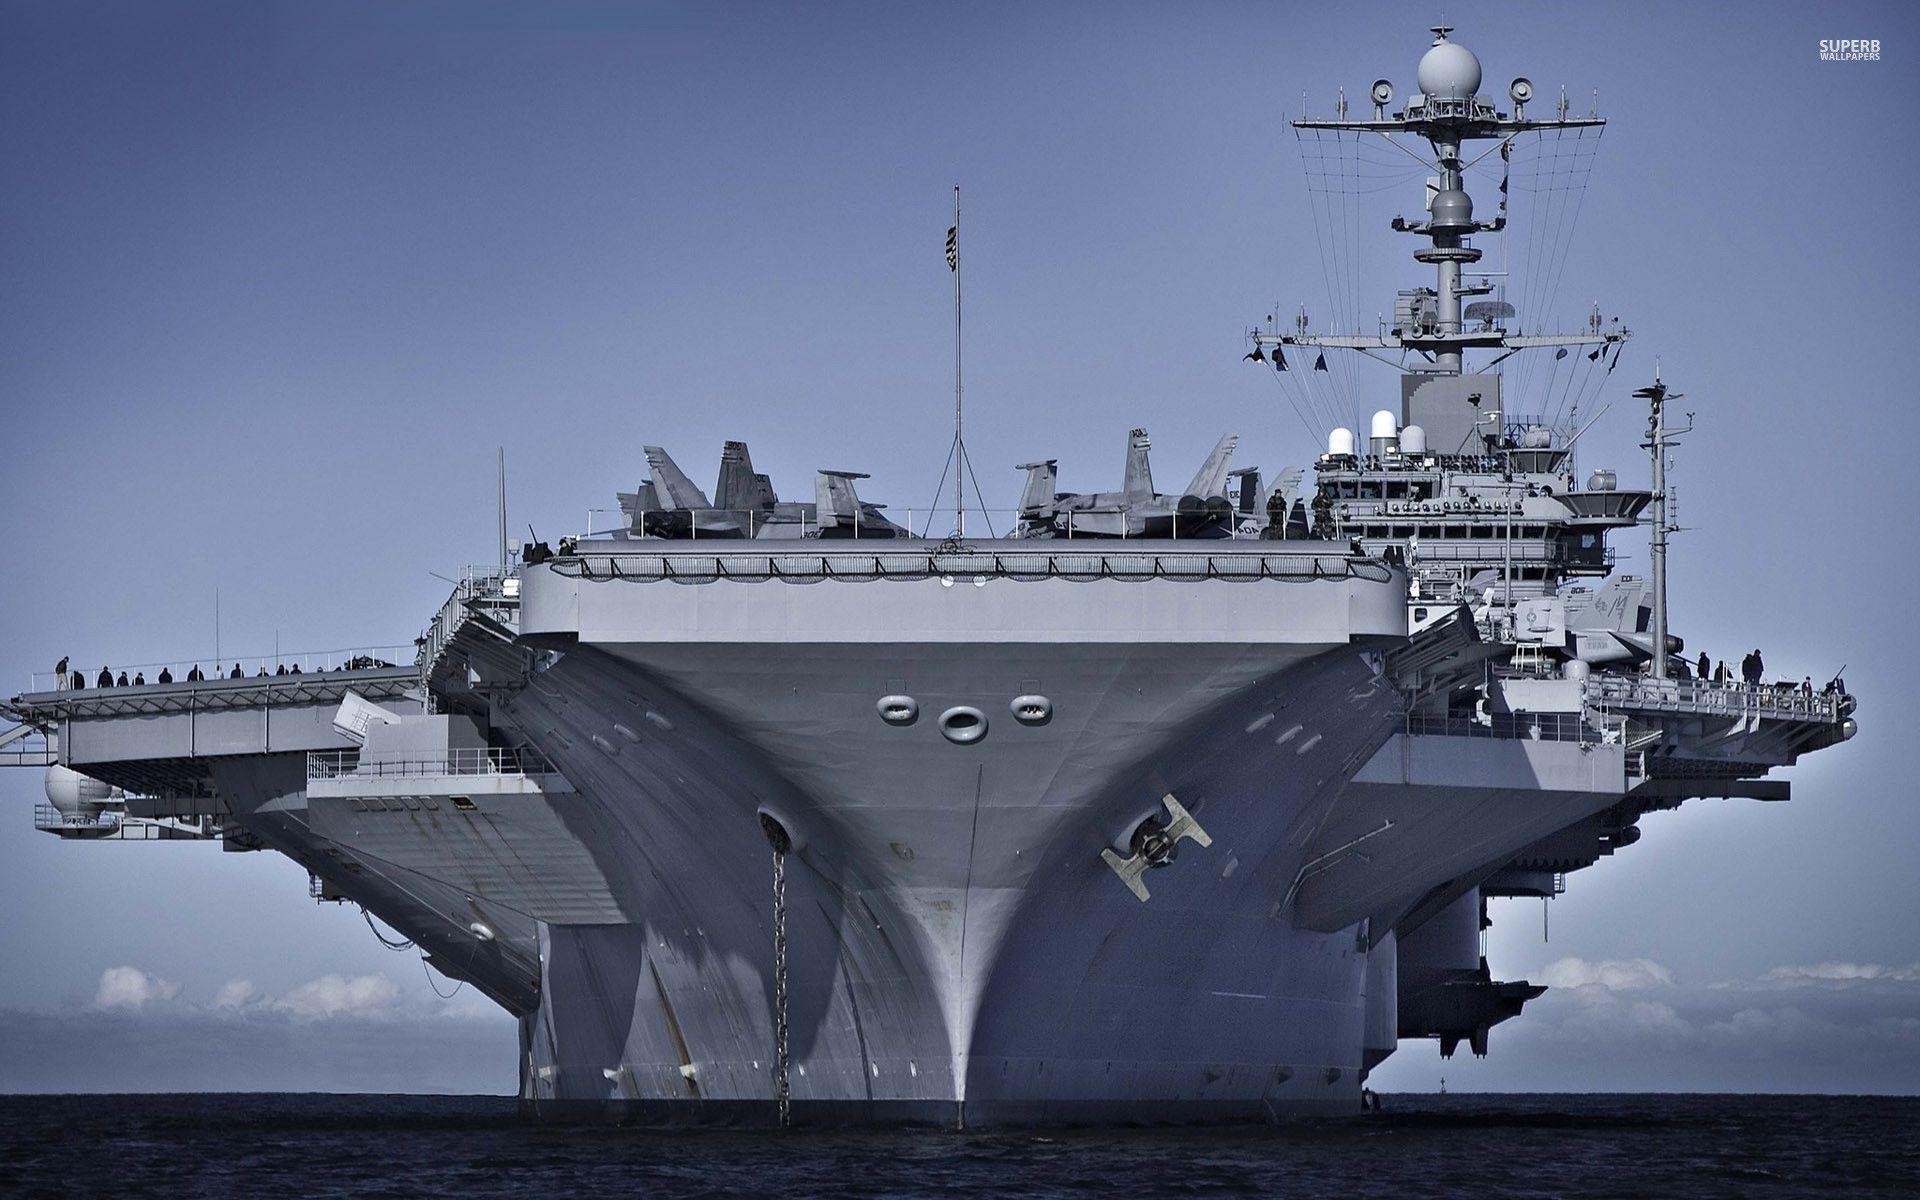 US Navy fleet wallpaper – Photography wallpapers – #28154